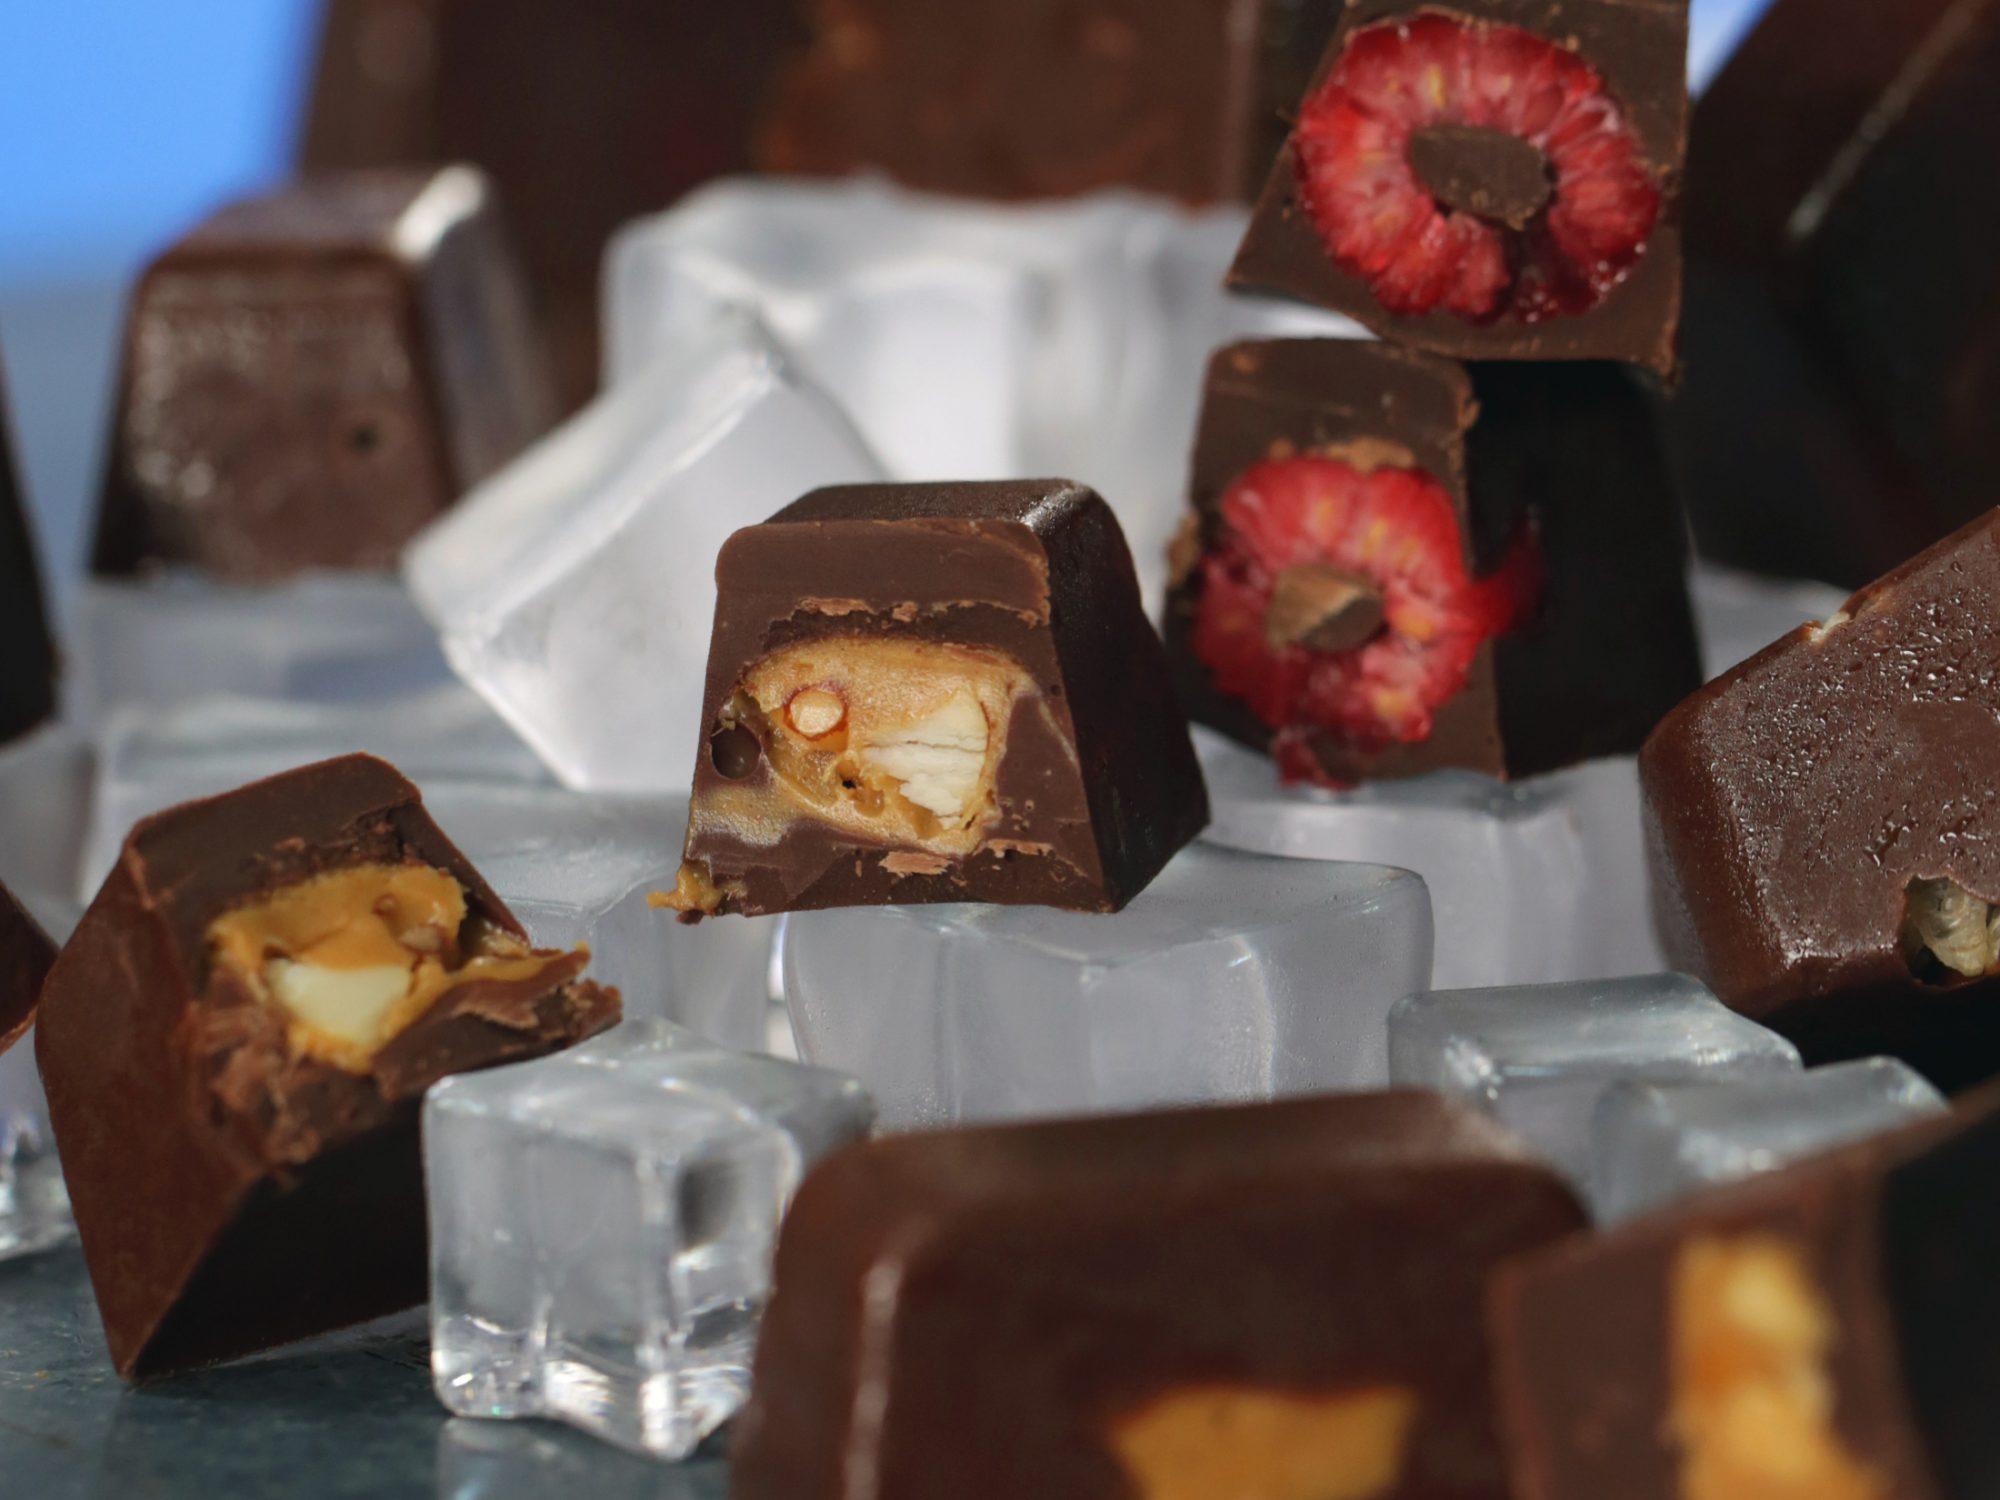 Ice Cube Tray Chocolate Treats image